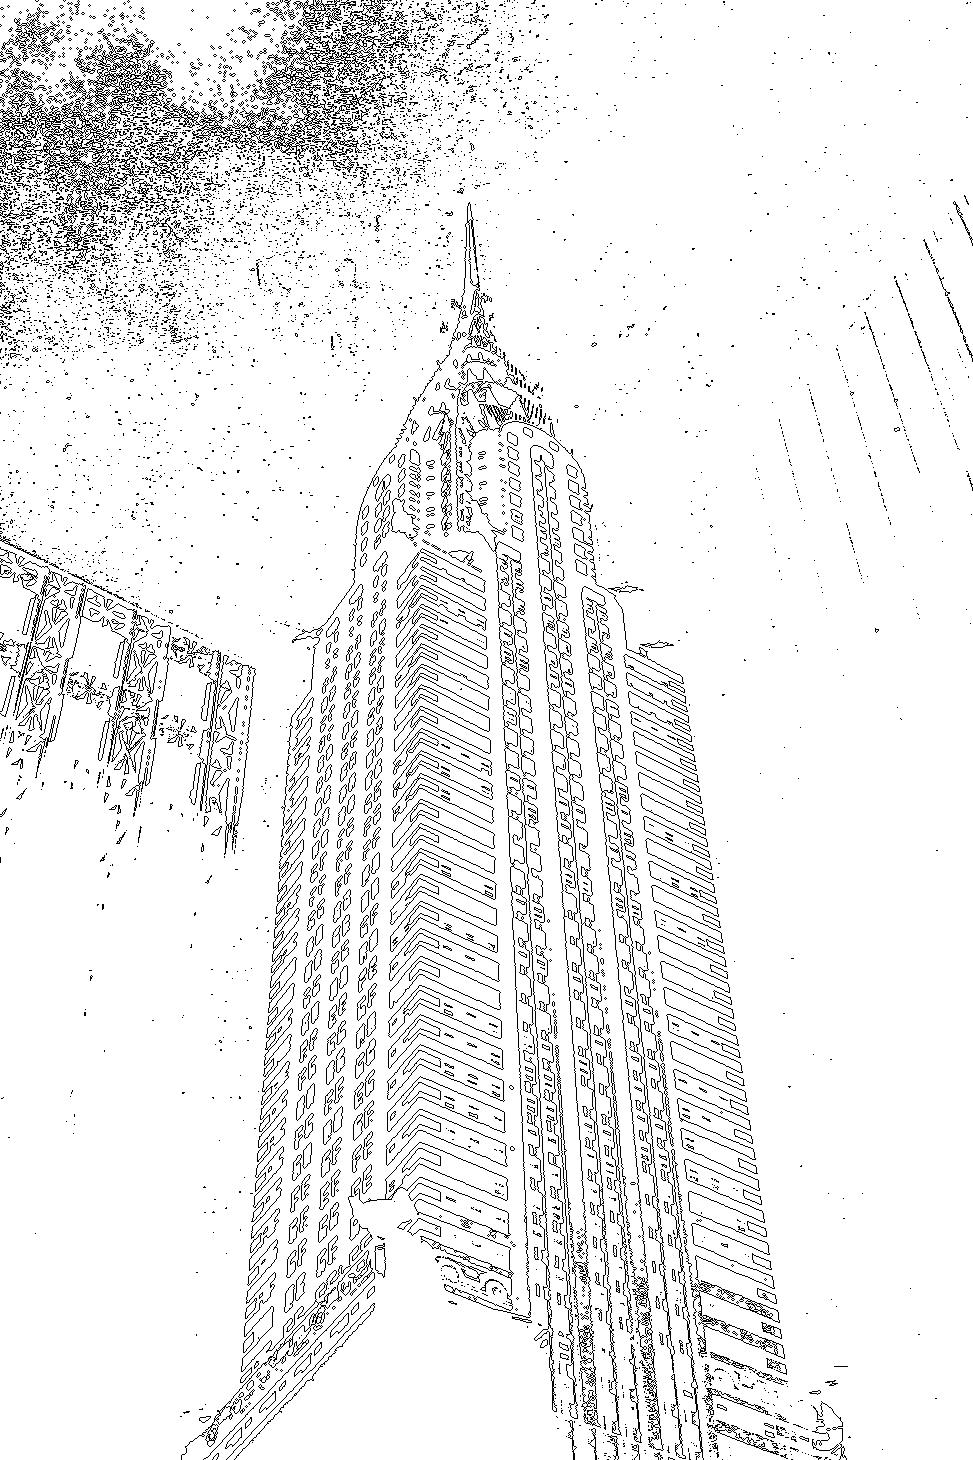 Empire state building zum ausmalen zum ausmalen de hellokids com - Empire State Building Sketch Tumblr Info